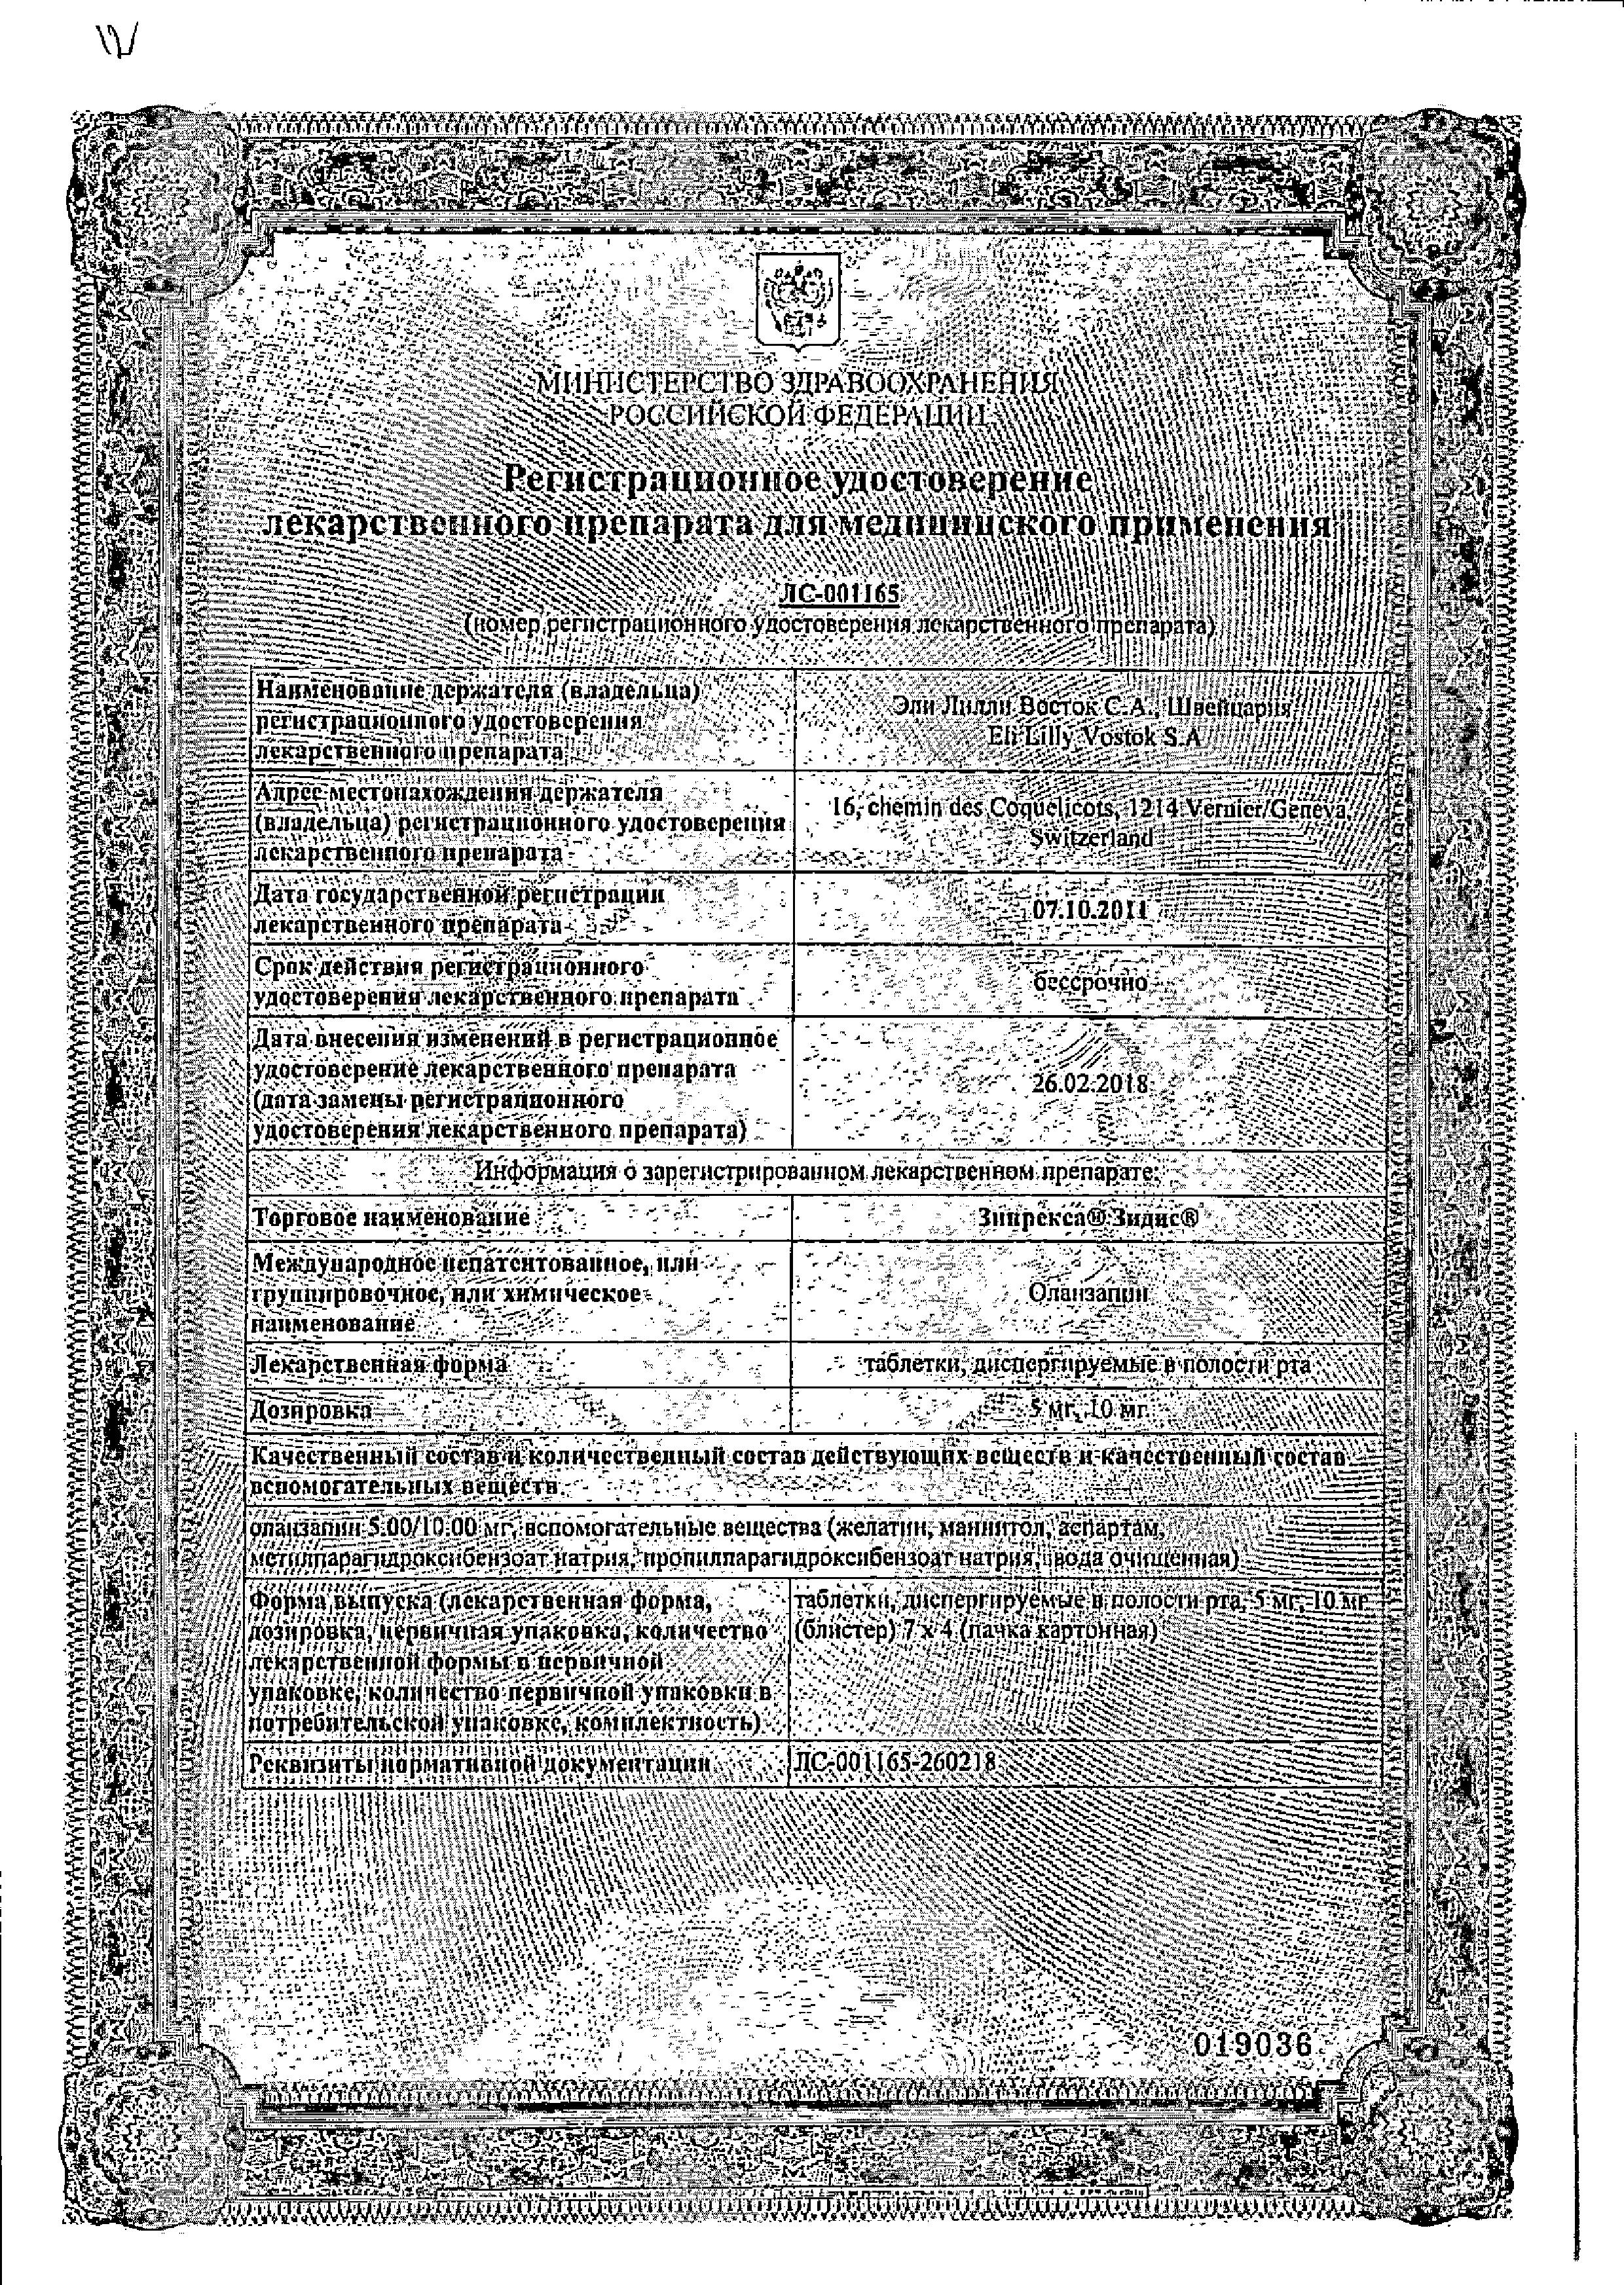 Зипрекса Зидис сертификат